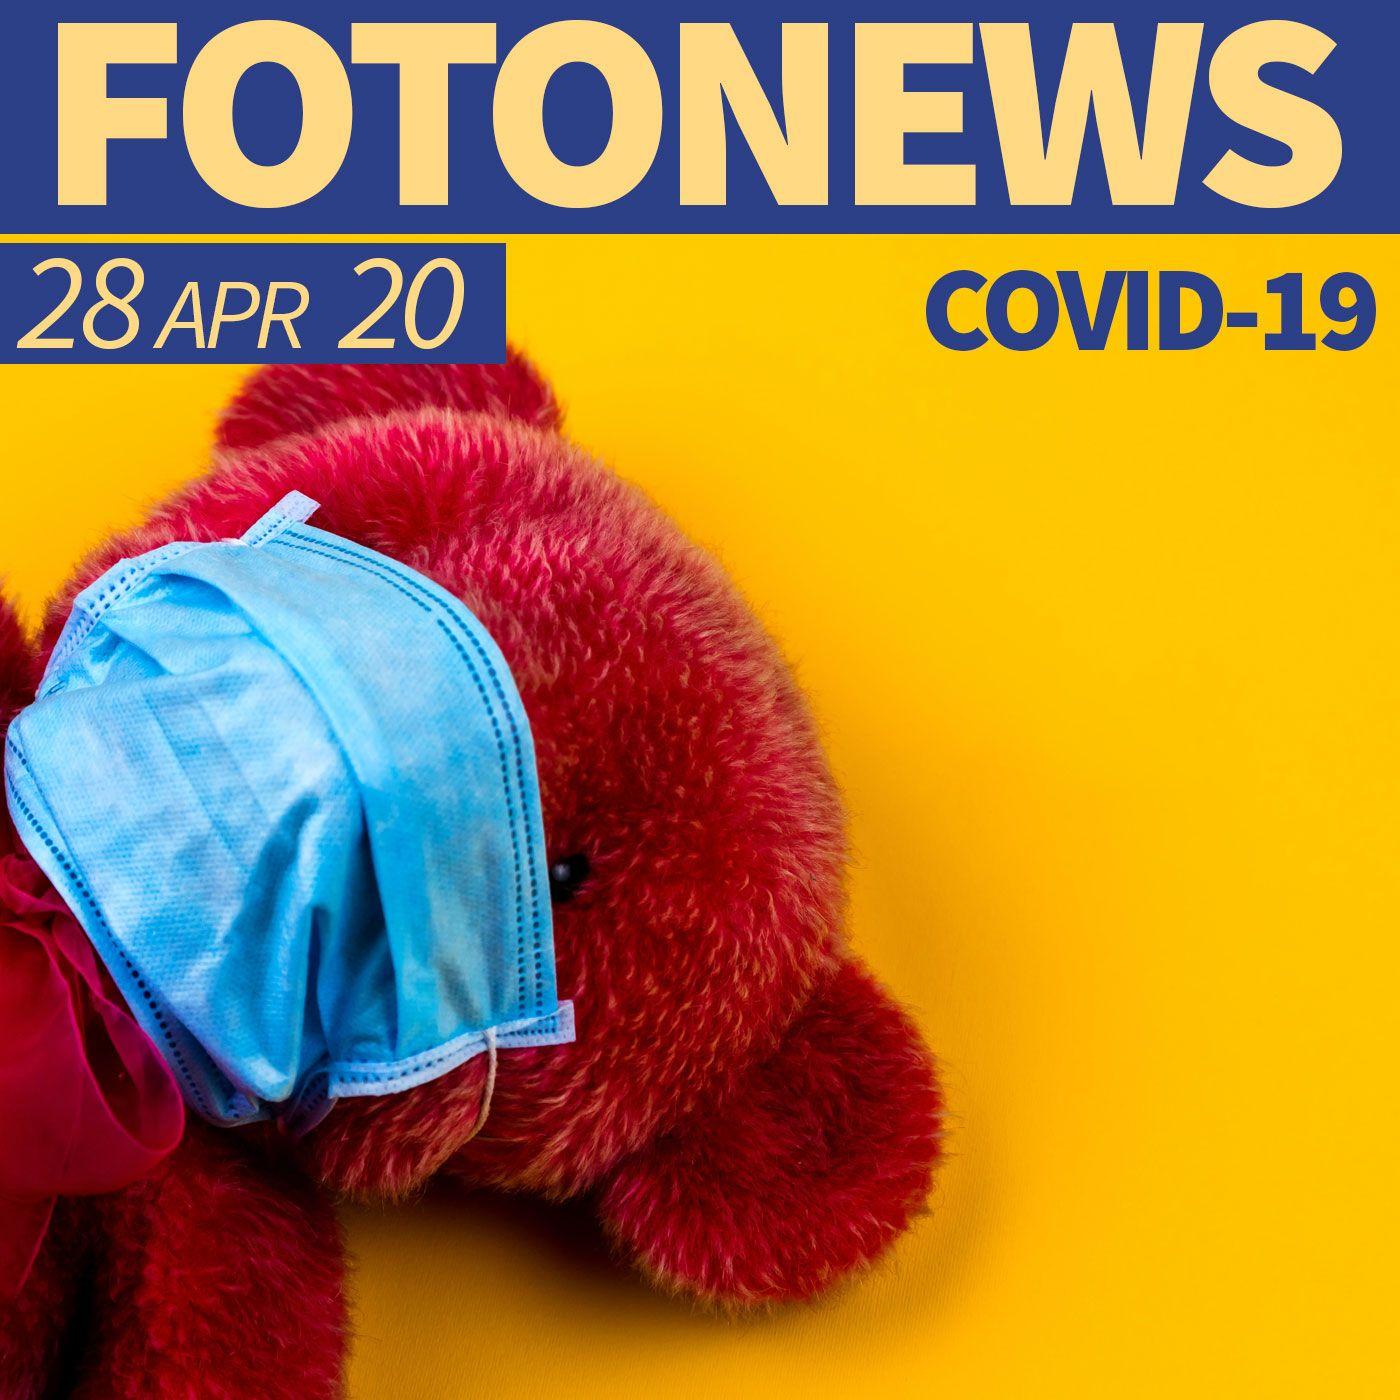 fotonews #05 del 28 aprile 2020 - COVID19